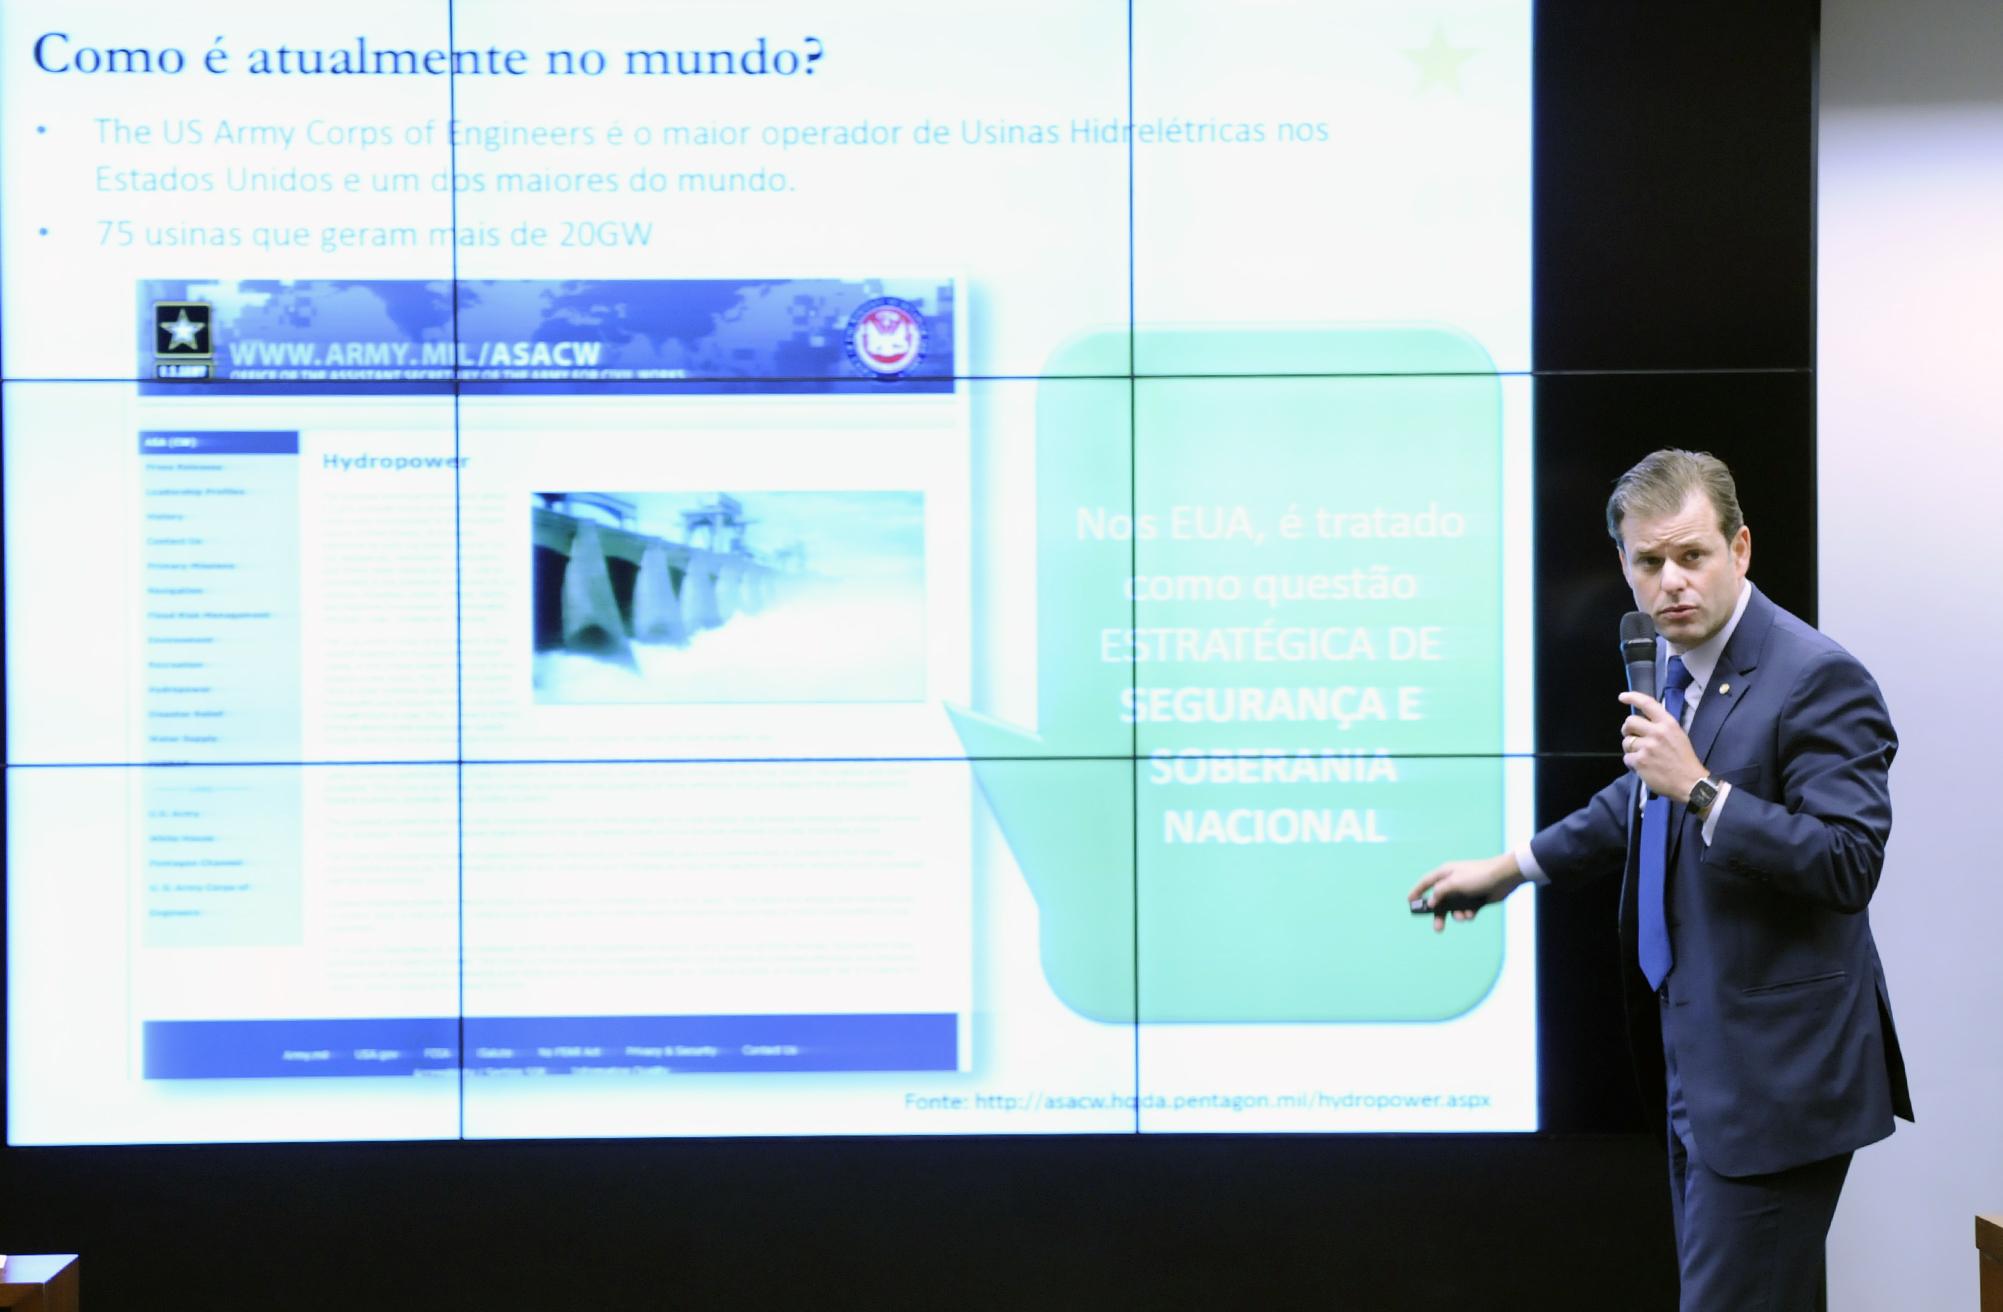 Audiência pública para esclarecimentos acerca da privatização da Eletrobrás e da extinção da Reserva Nacional do Cobre e seus Asssociados - Renca. Dep. Leonardo Quintão (PMDB/MG)